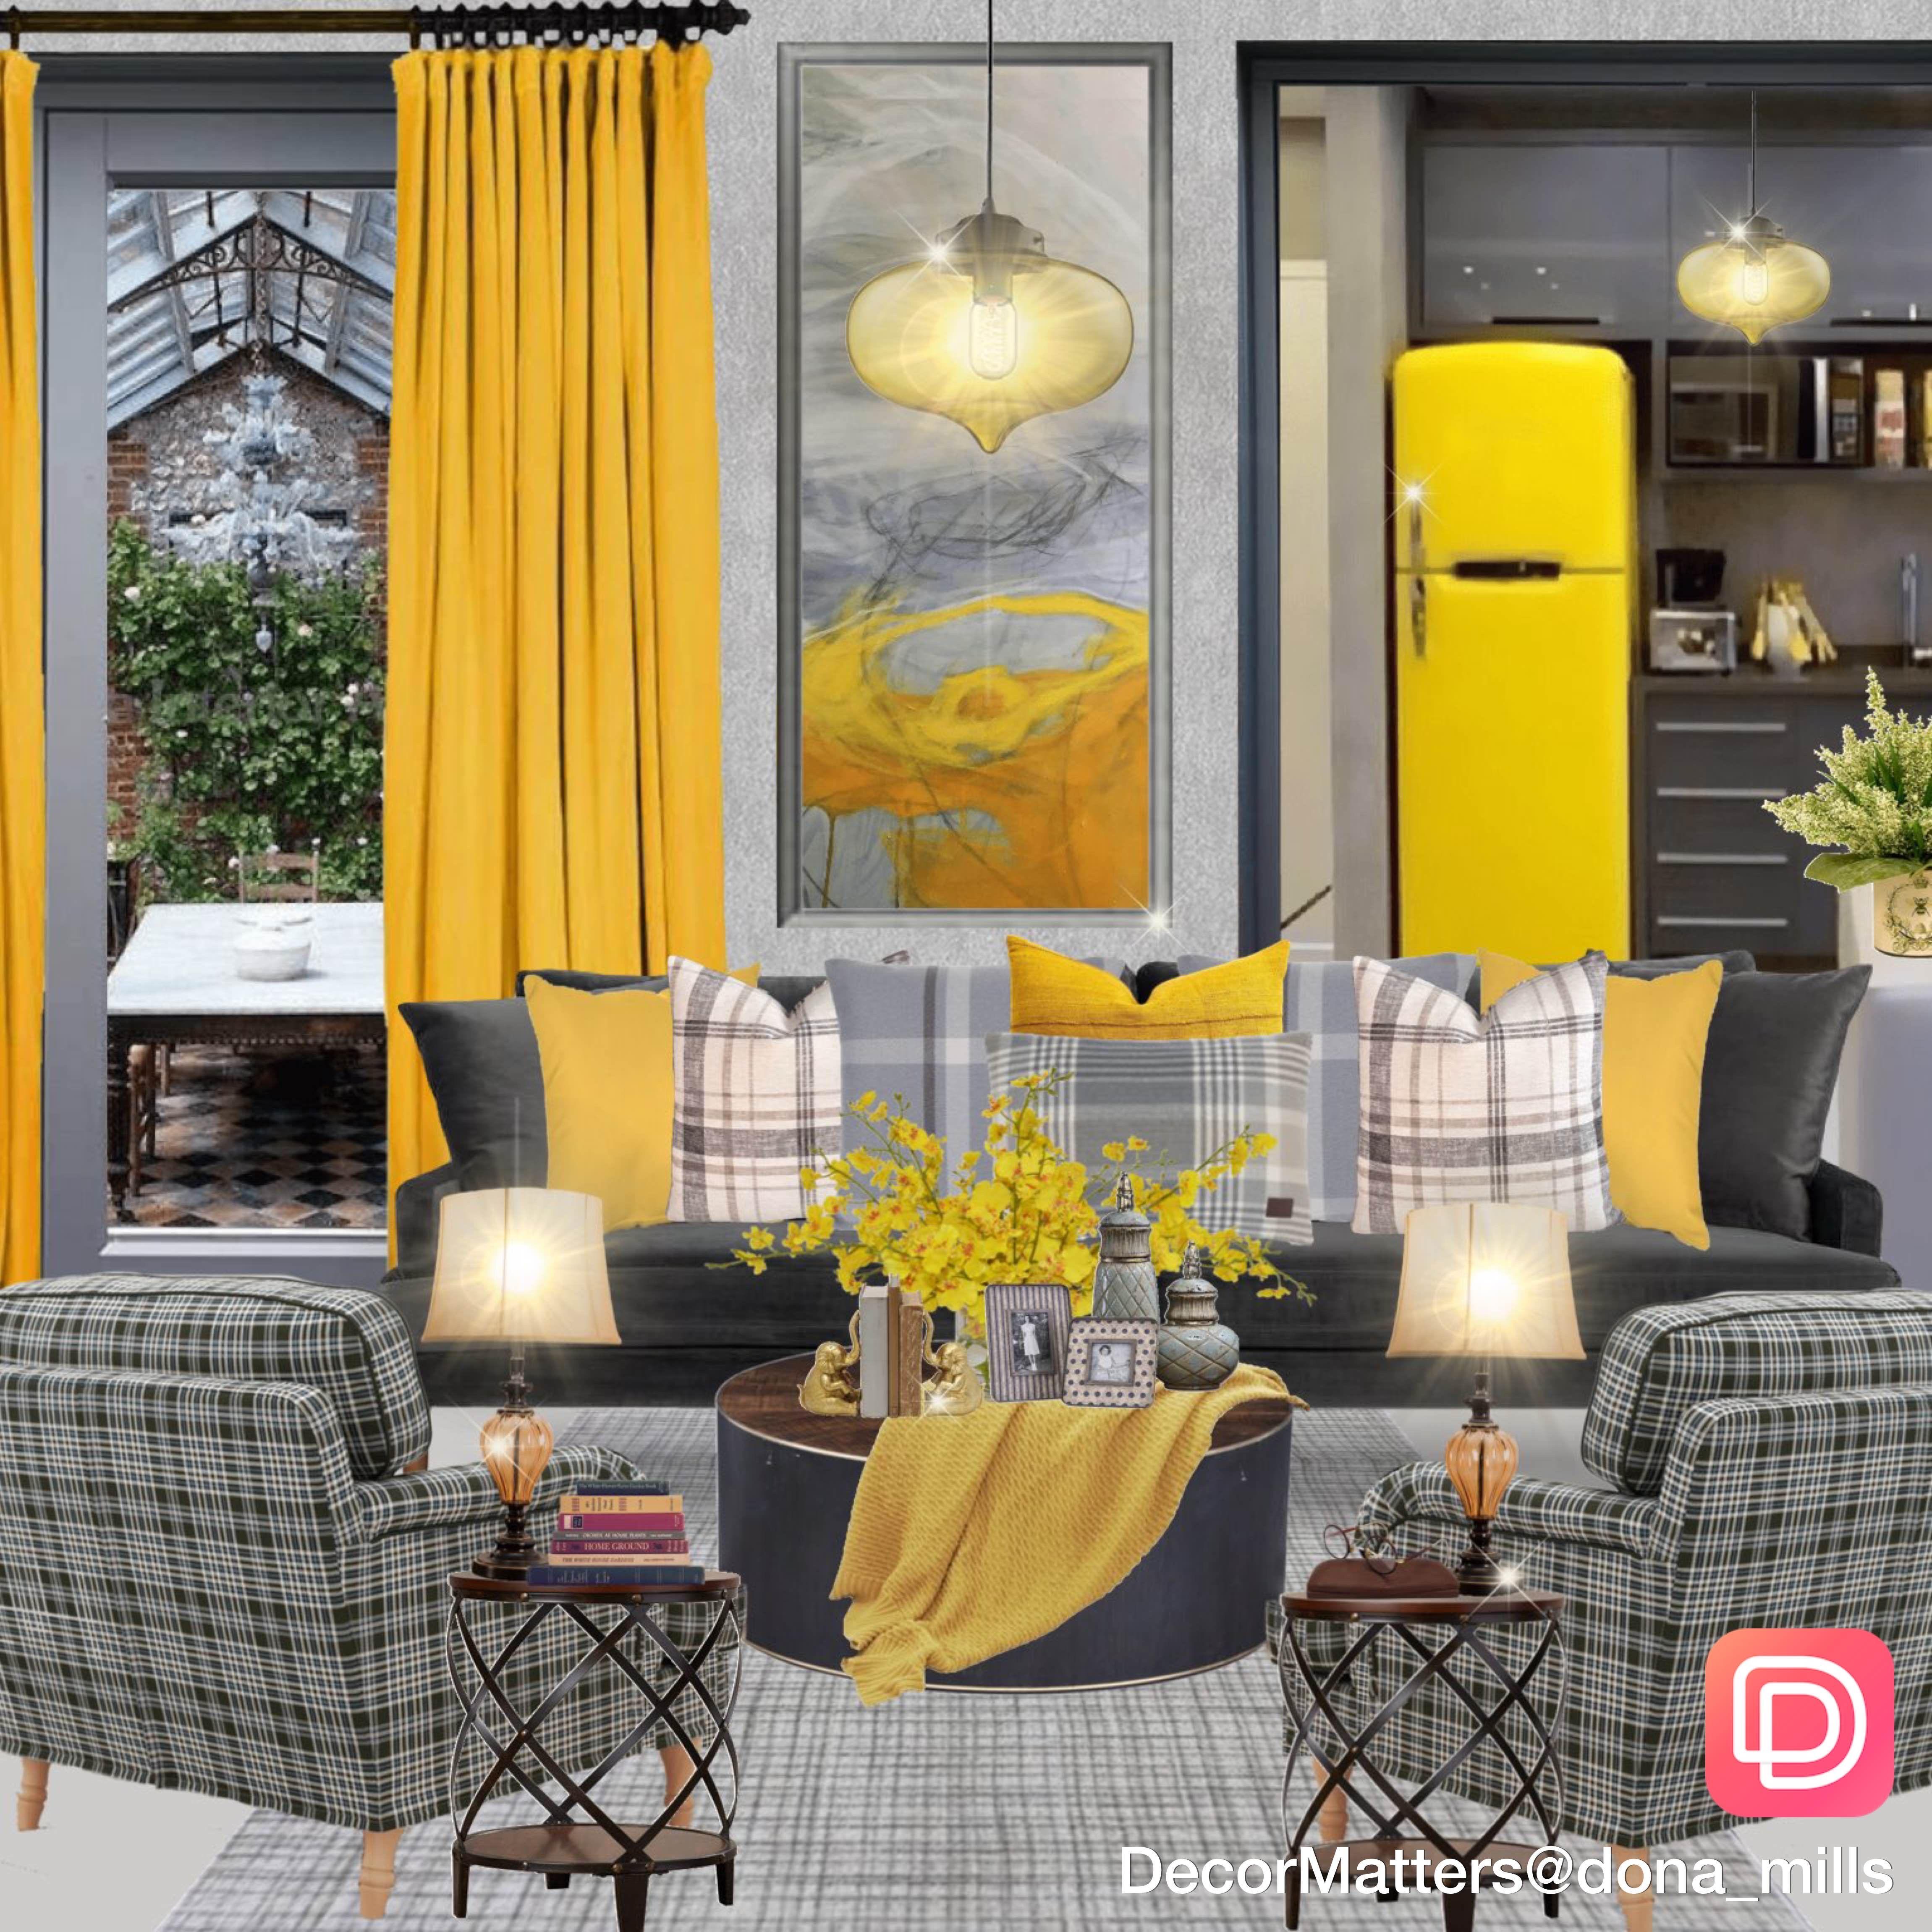 Yellow Interior Design Living Room In App Interior Design Living Room Living Room Designs Living Design Decorate living room app